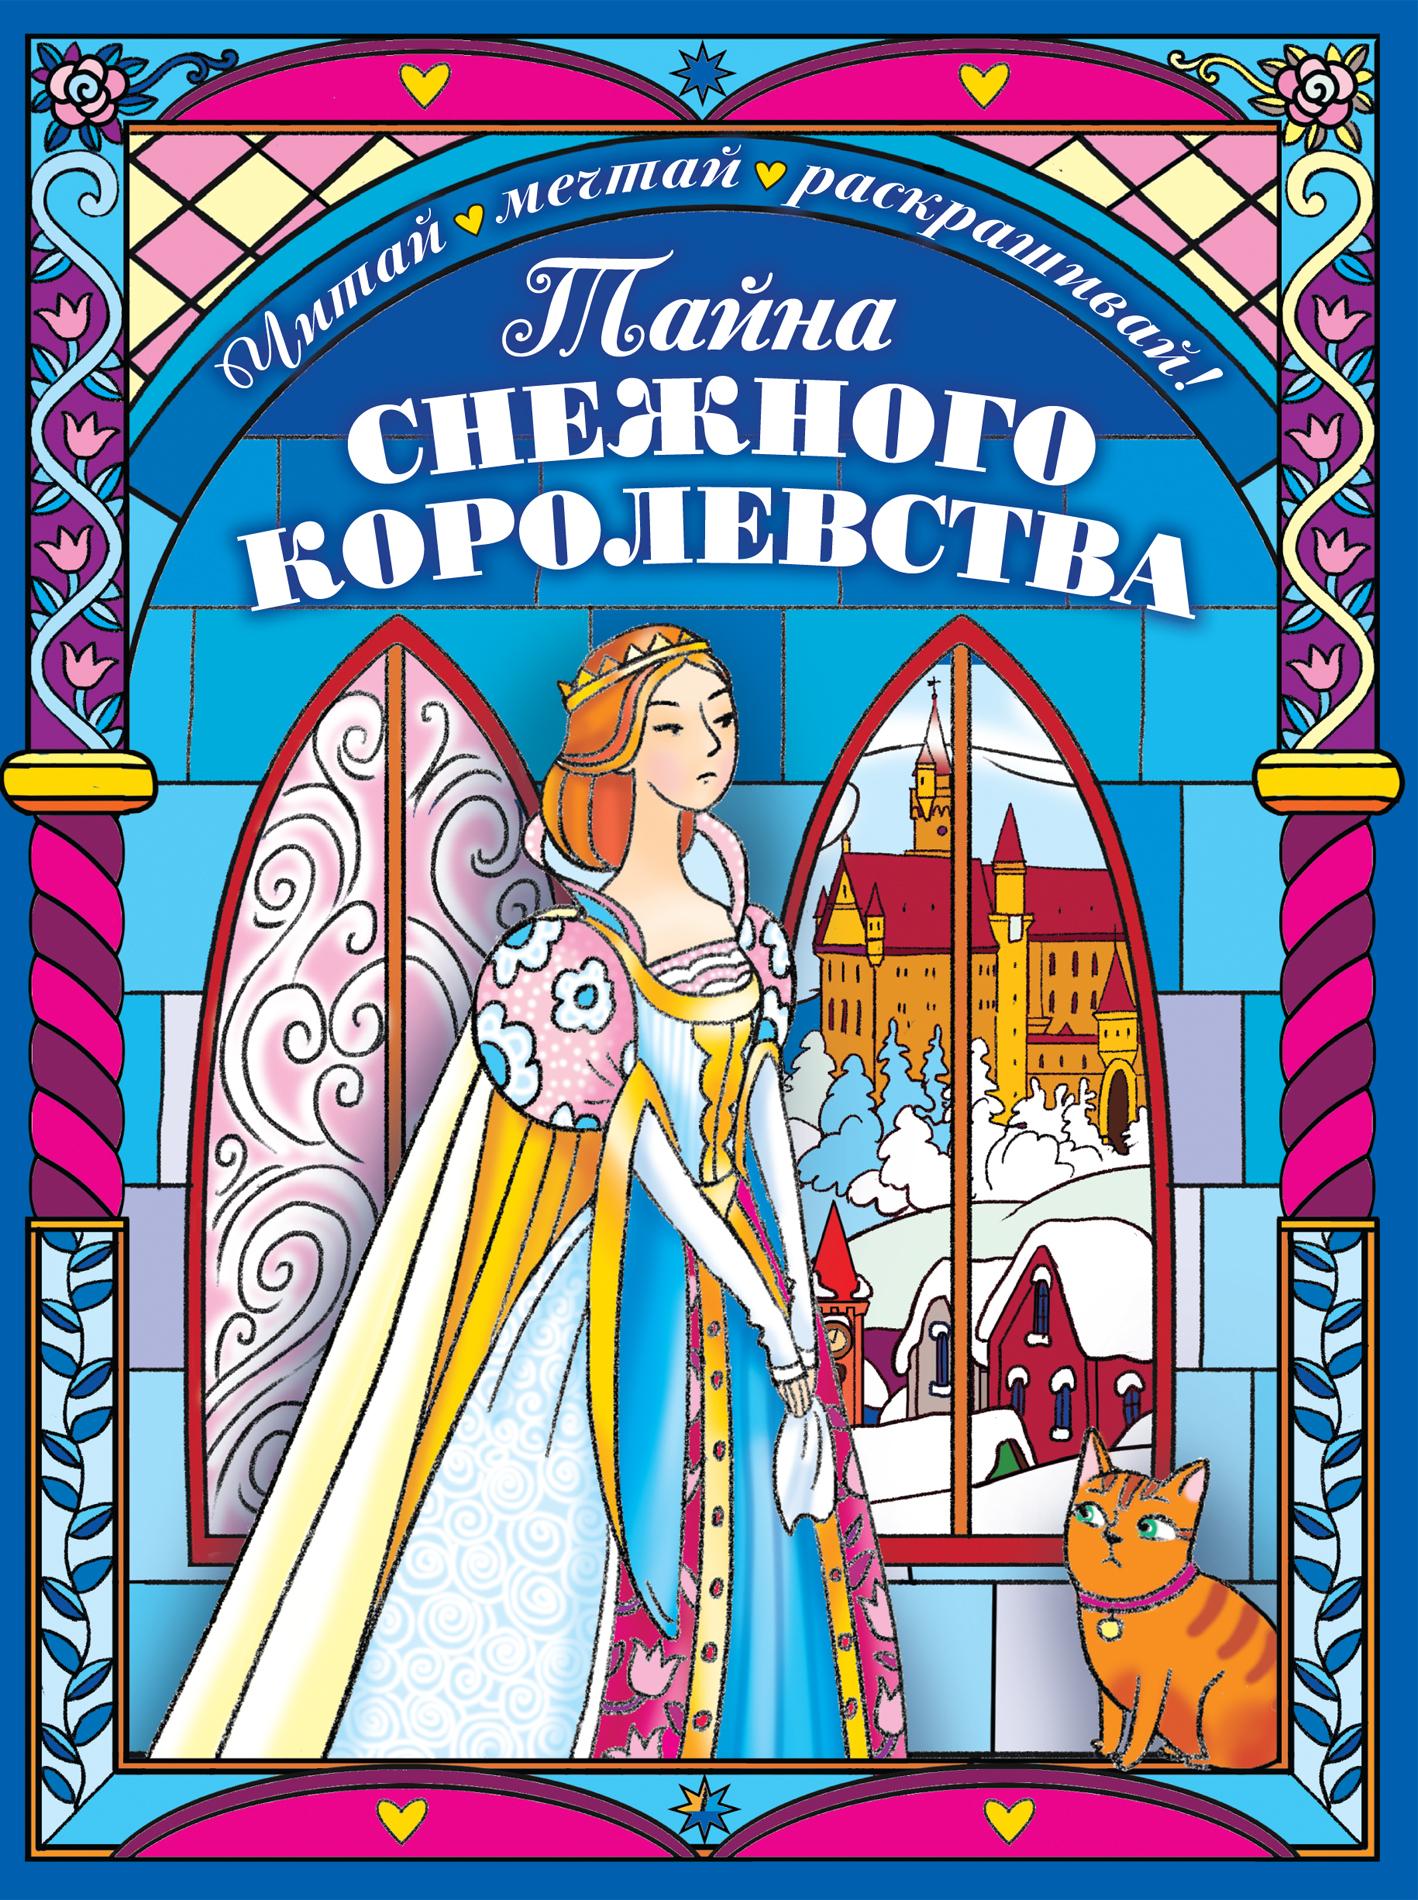 Тайна снежного королевства. Раскраска ( Неволина Е., Макаренко Н.Ю.  )